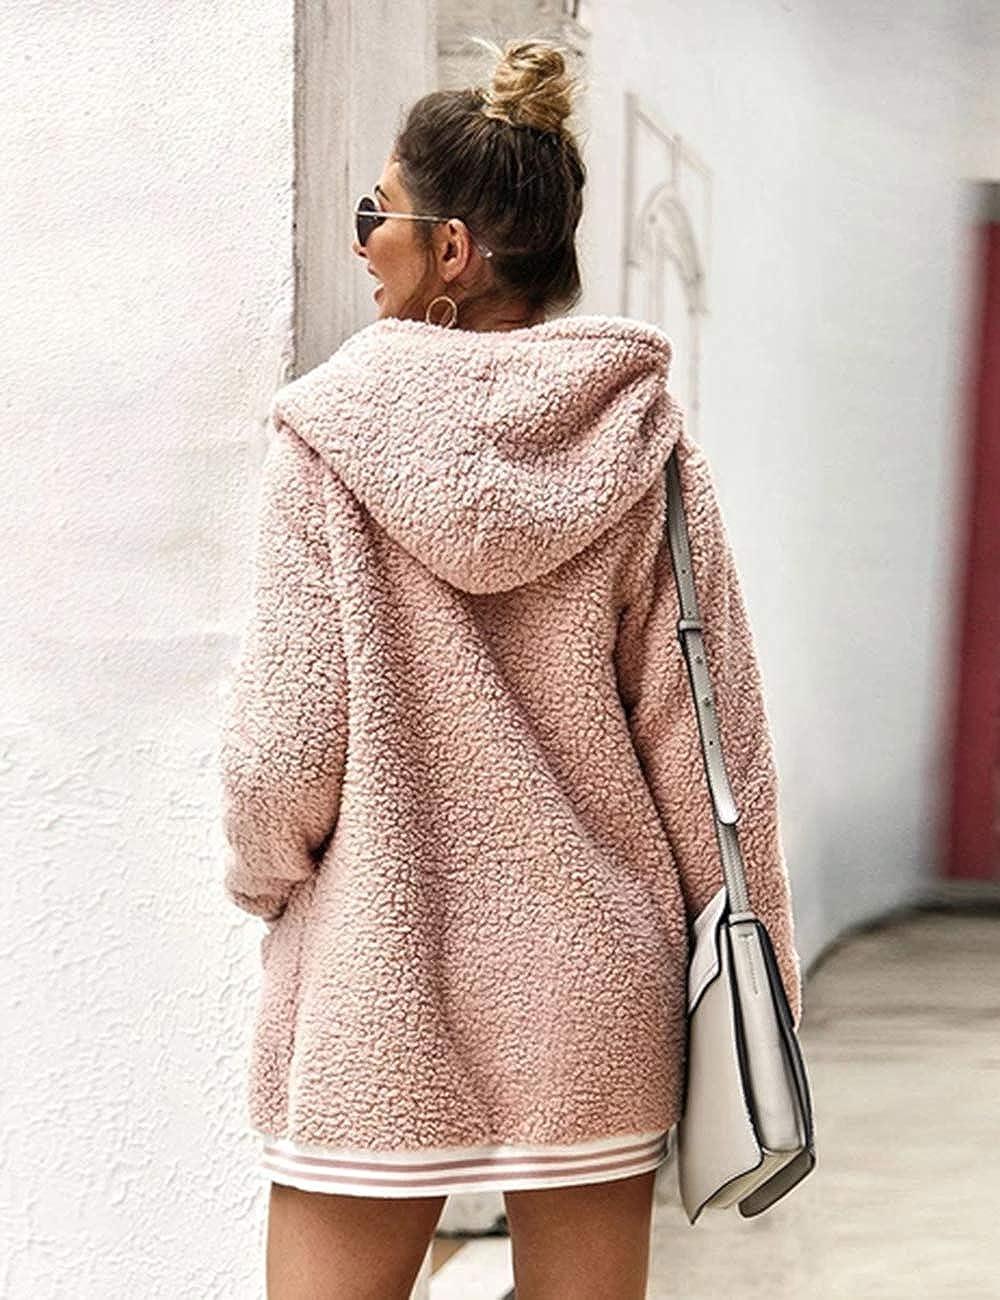 Invernale con Tasche Caldo e Spesso Oversize Cappotto da Donna con Cappuccio in Lana Tinta Unita in Pile Stile Casual con Cappuccio iWoo